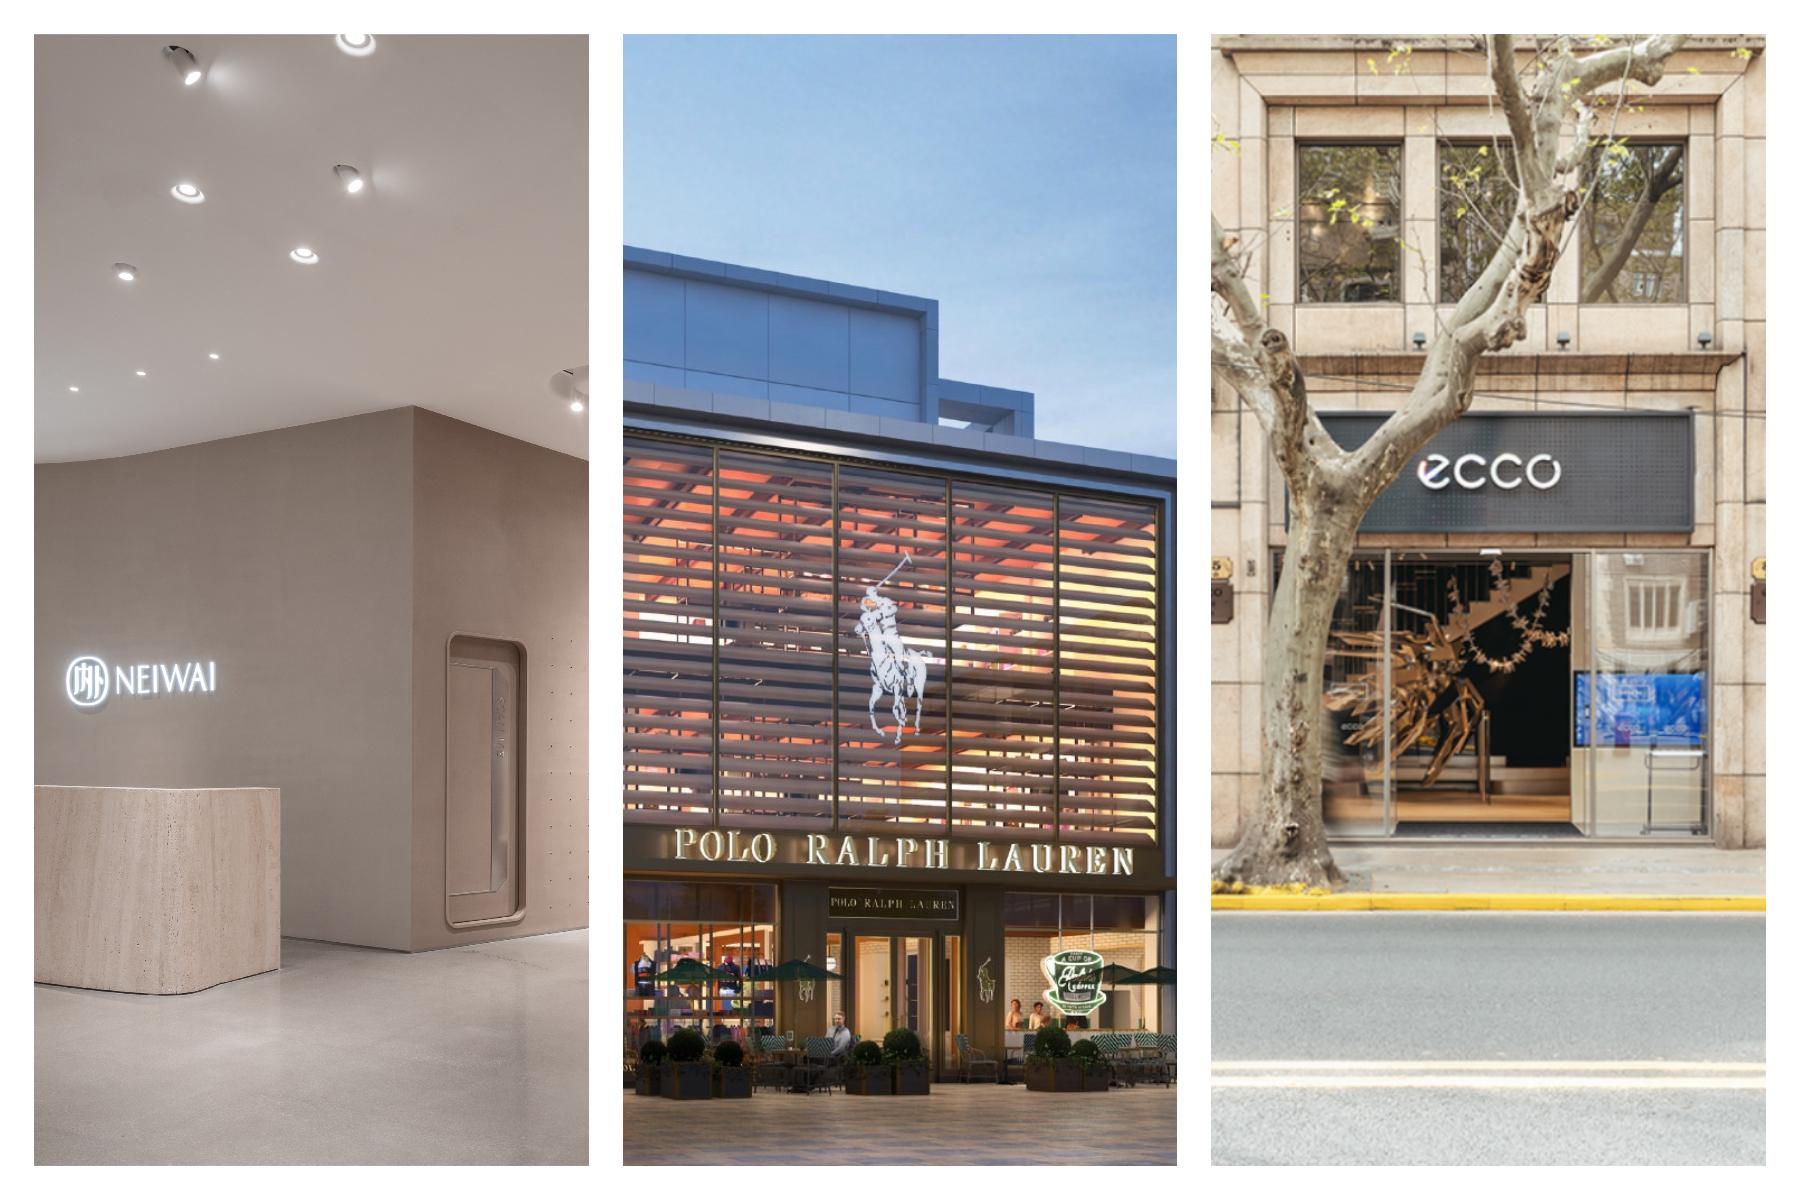 内外、Ralph Lauren、ECCO 的全新旗舰店透露了哪些时尚零售新动向?【 华丽志时尚门店新观察】